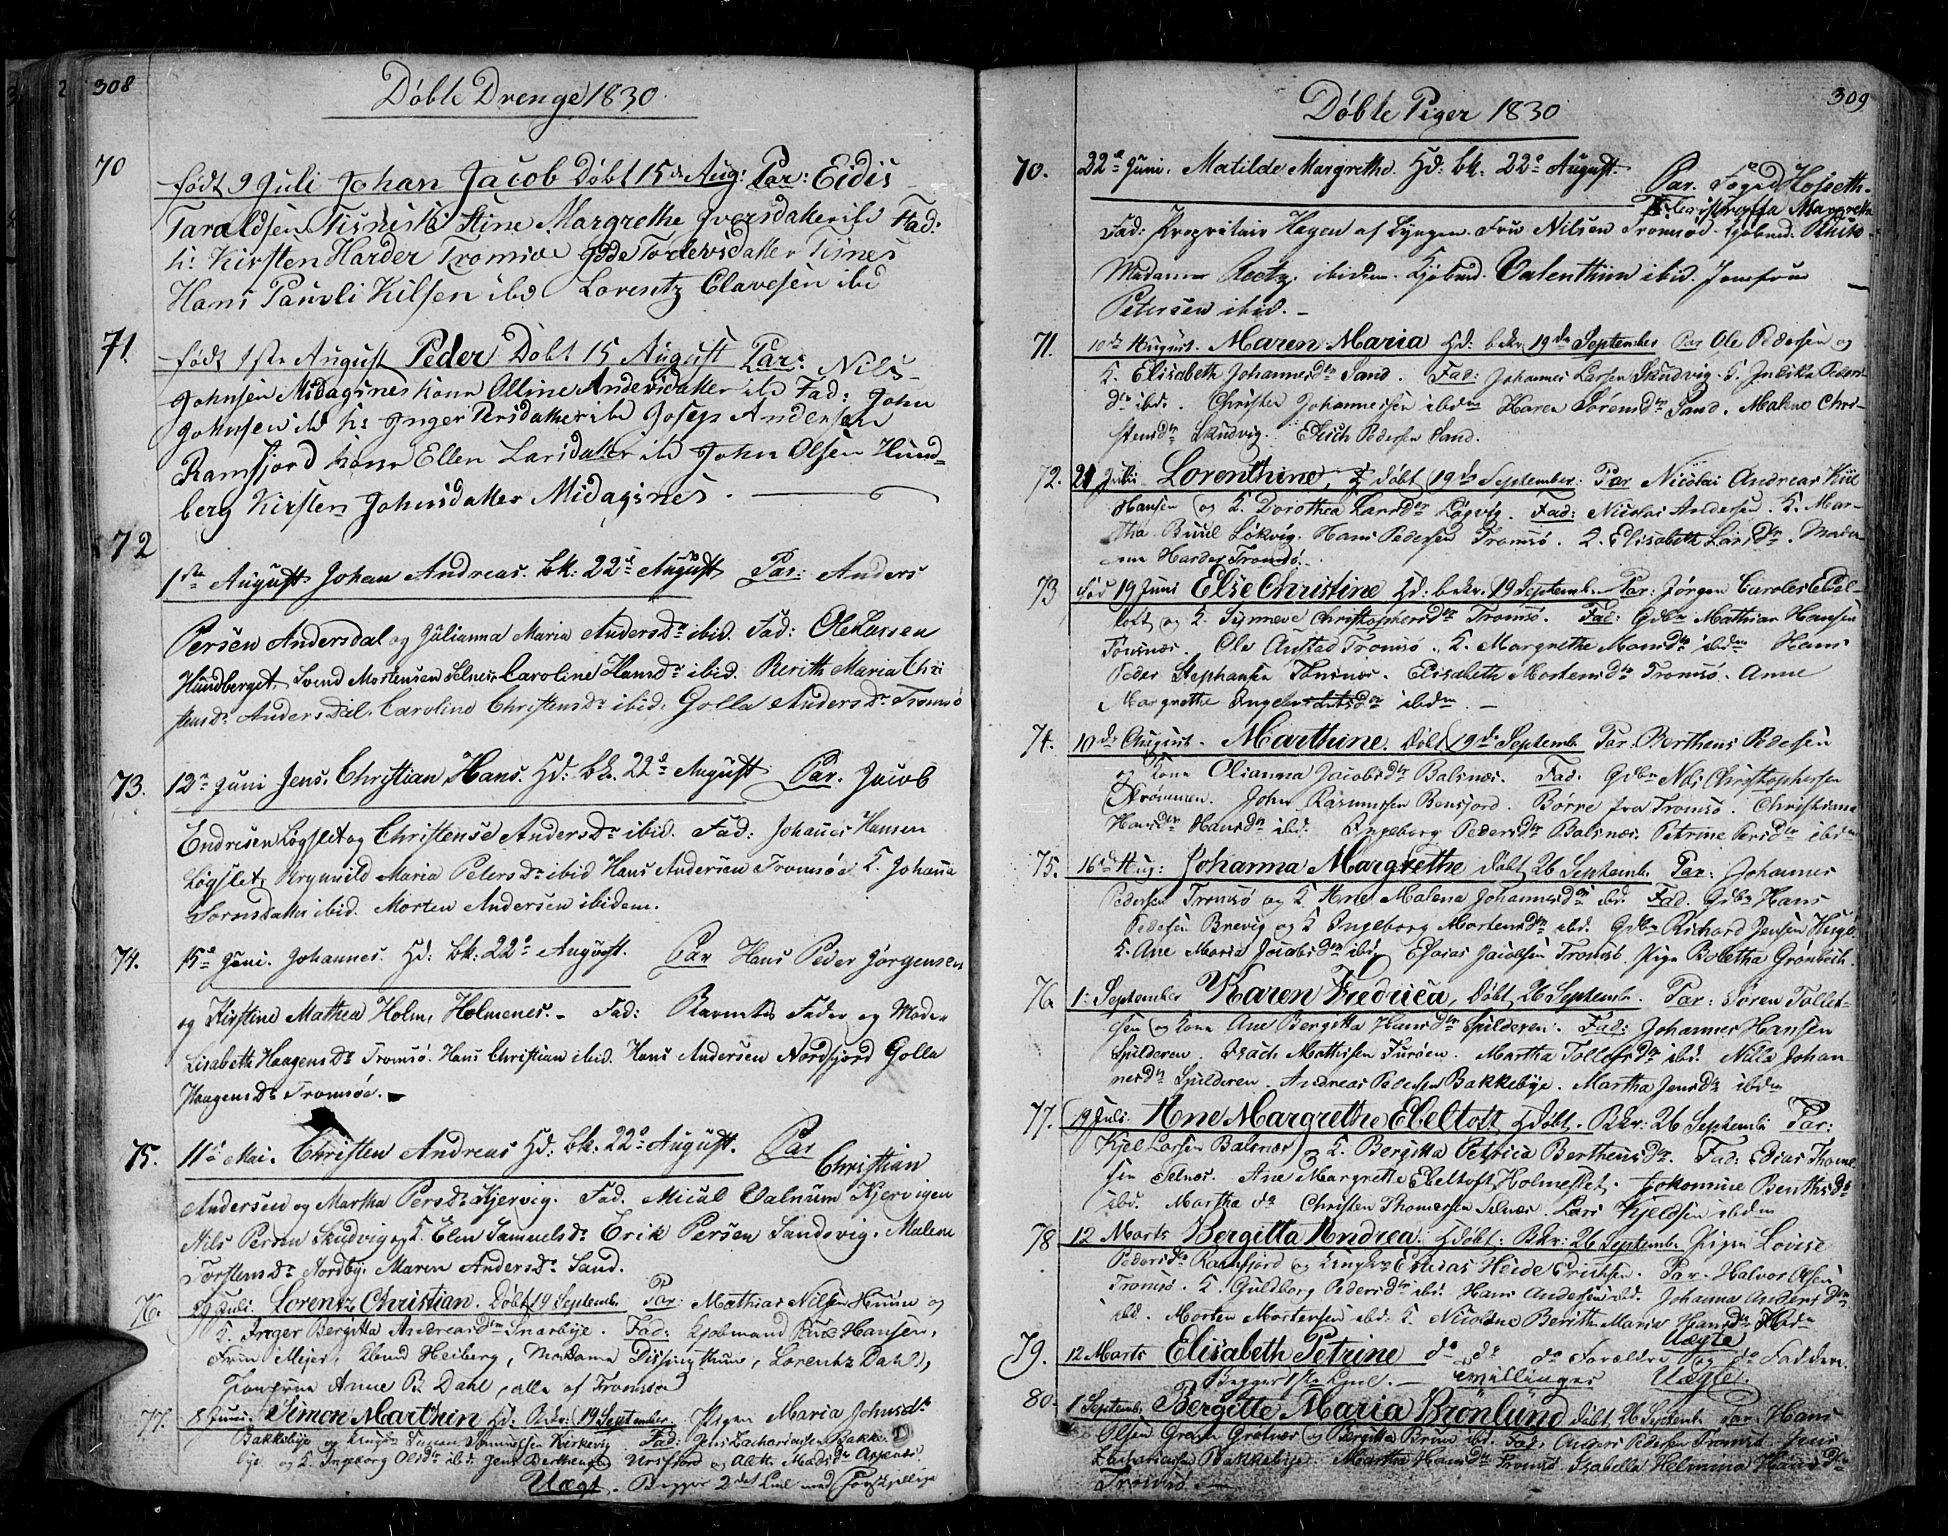 SATØ, Tromsø sokneprestkontor/stiftsprosti/domprosti, G/Ga/L0008kirke: Ministerialbok nr. 8, 1829-1837, s. 308-309